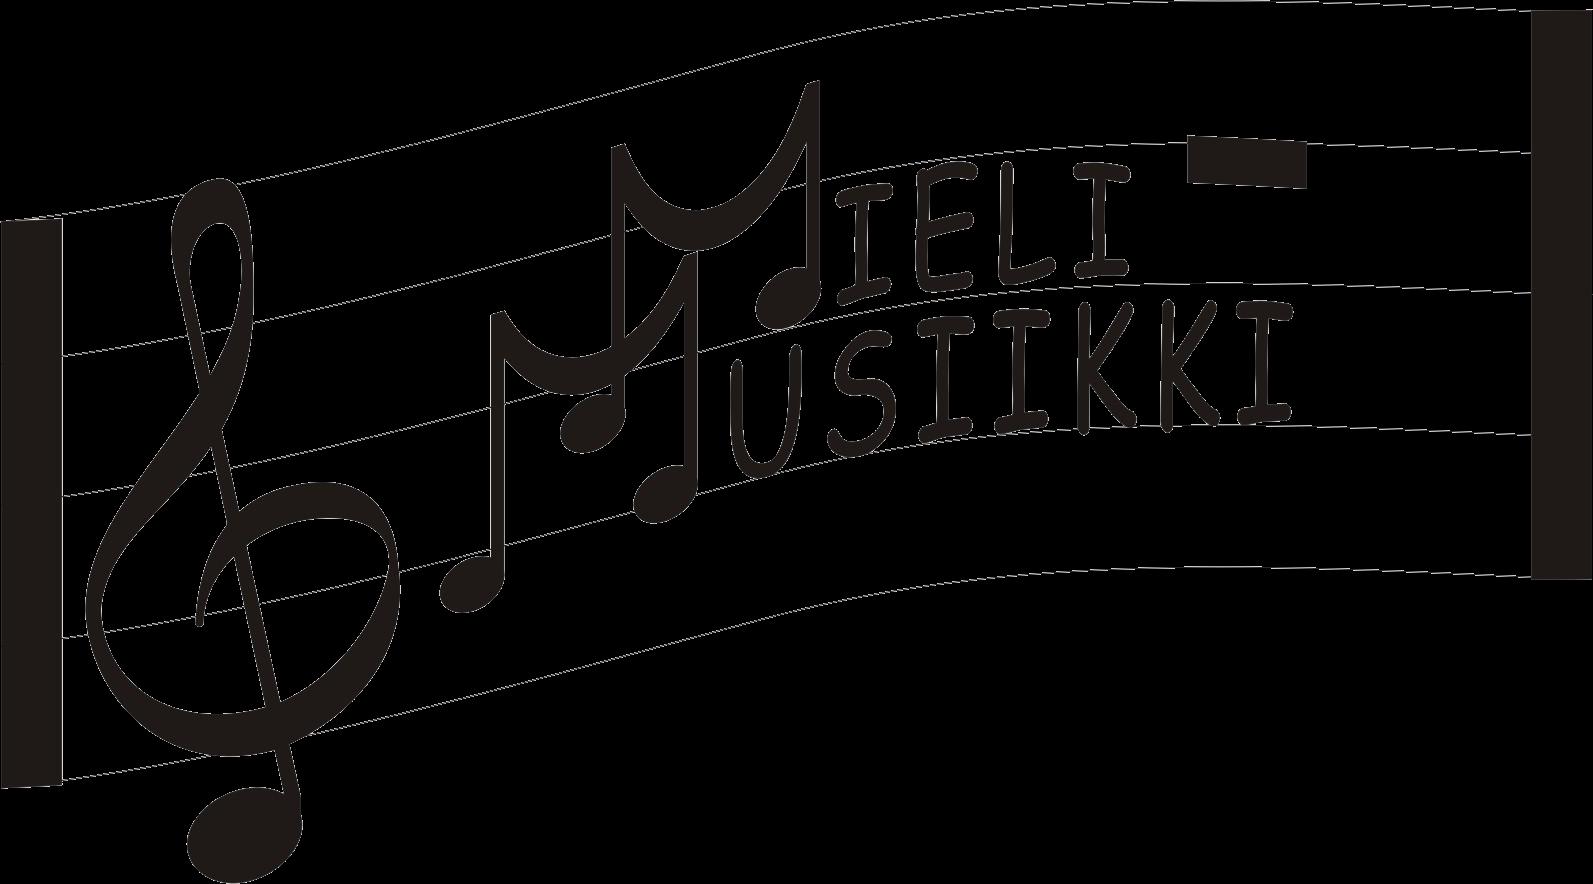 Mieli-Musiikki